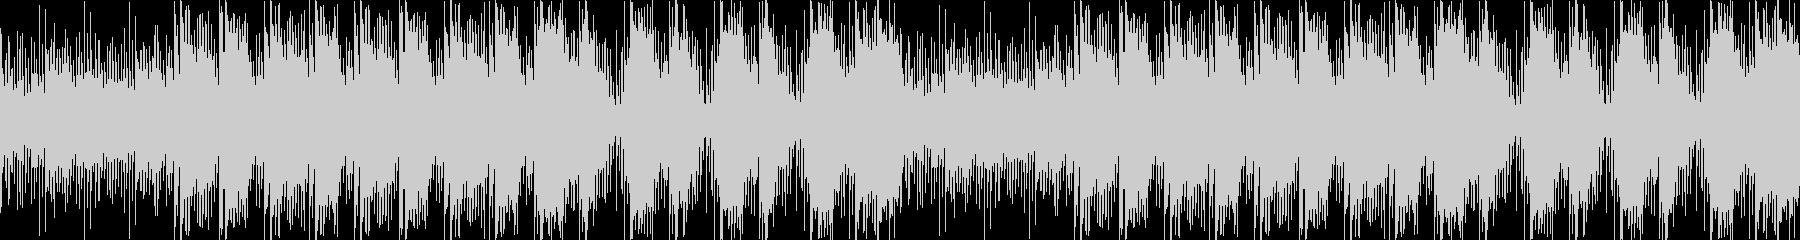 リコーダーとアコギ主体の「ほっこり感」の未再生の波形